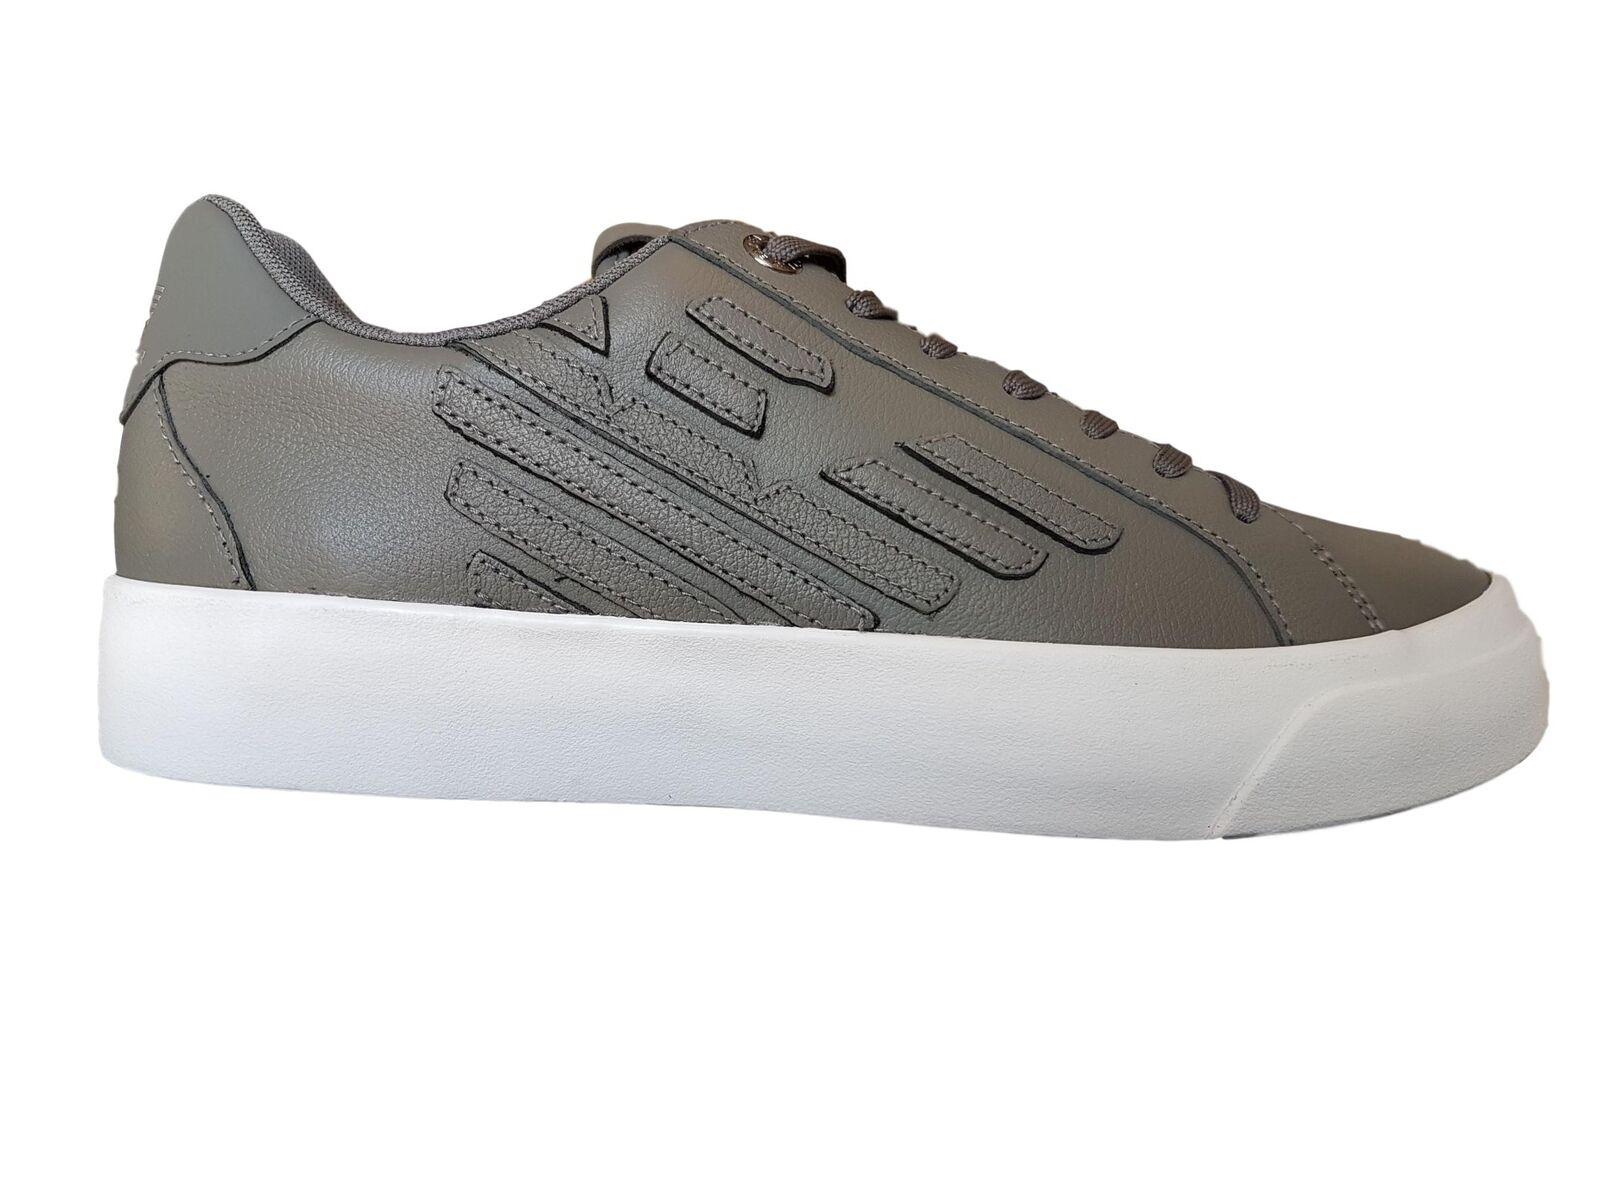 Shoes EA7 Emporio Armani 7 EA Ginnastica Man X8X004 Scarpe da Ginnastica EA Grigio Leather Sport Logo F/W 18 bfb39e